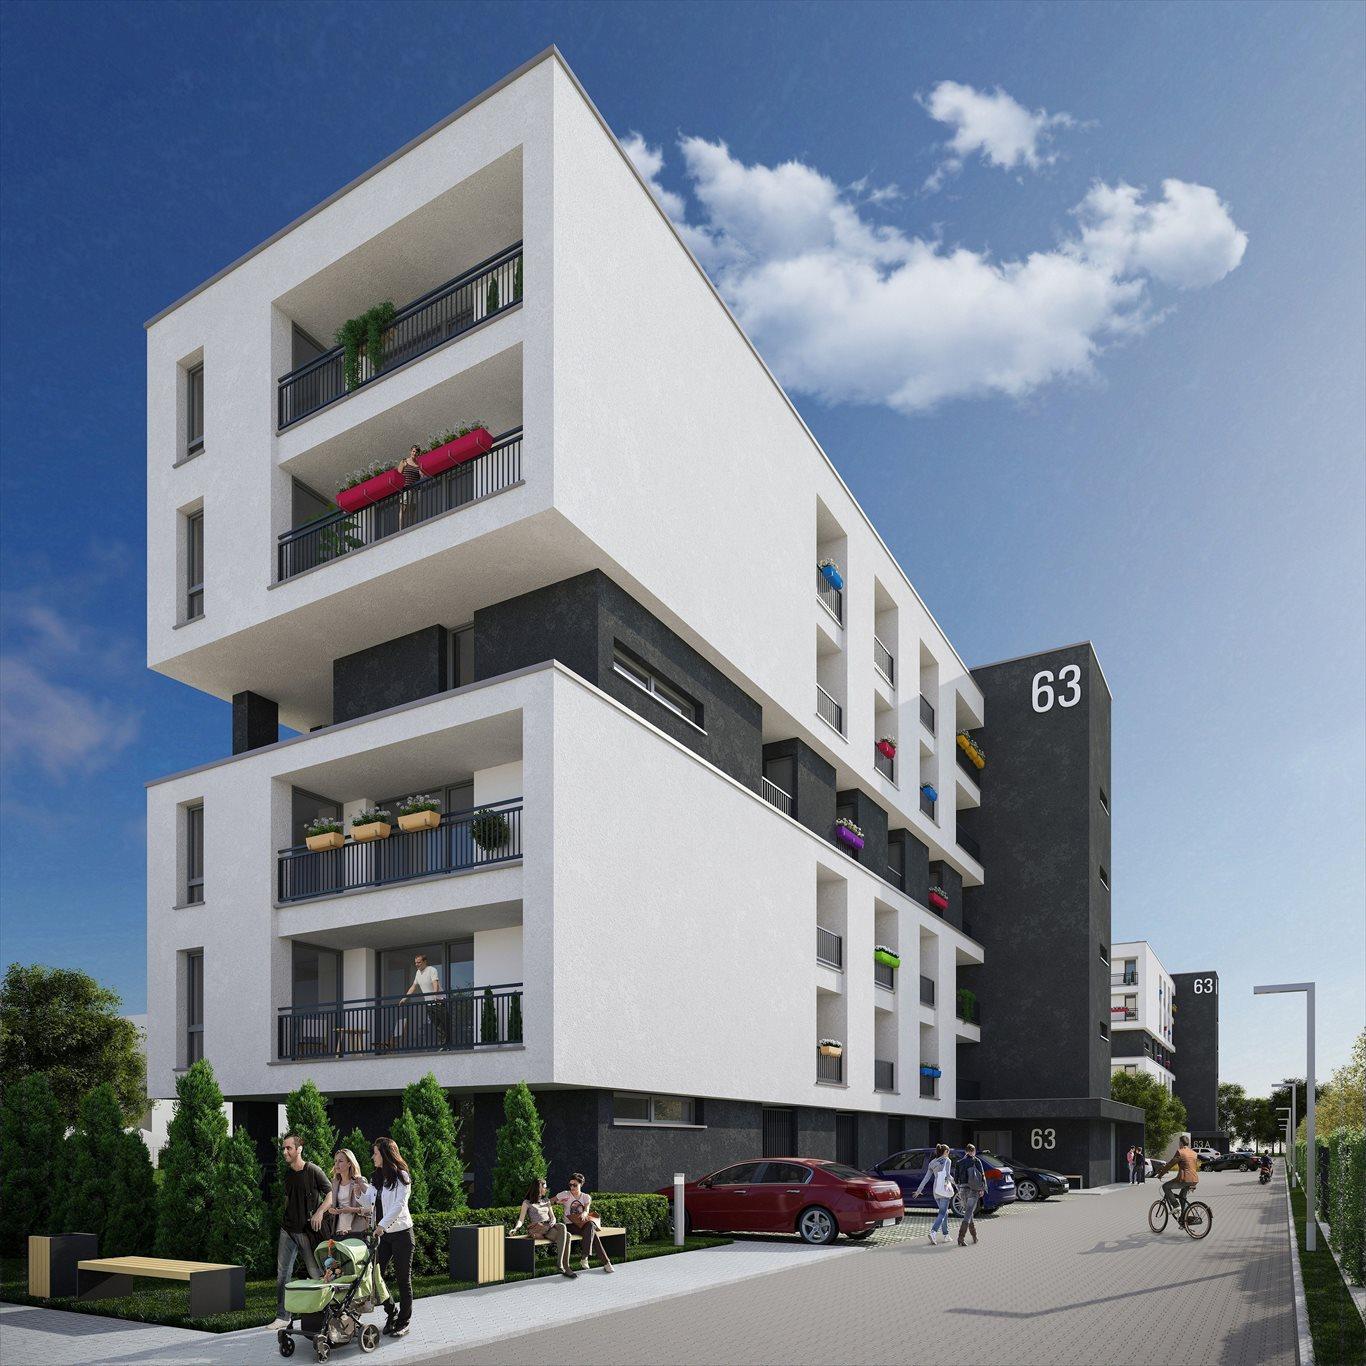 Mieszkanie dwupokojowe na sprzedaż Tychy, Śródmieście, Piłsudskiego 63A  44m2 Foto 1